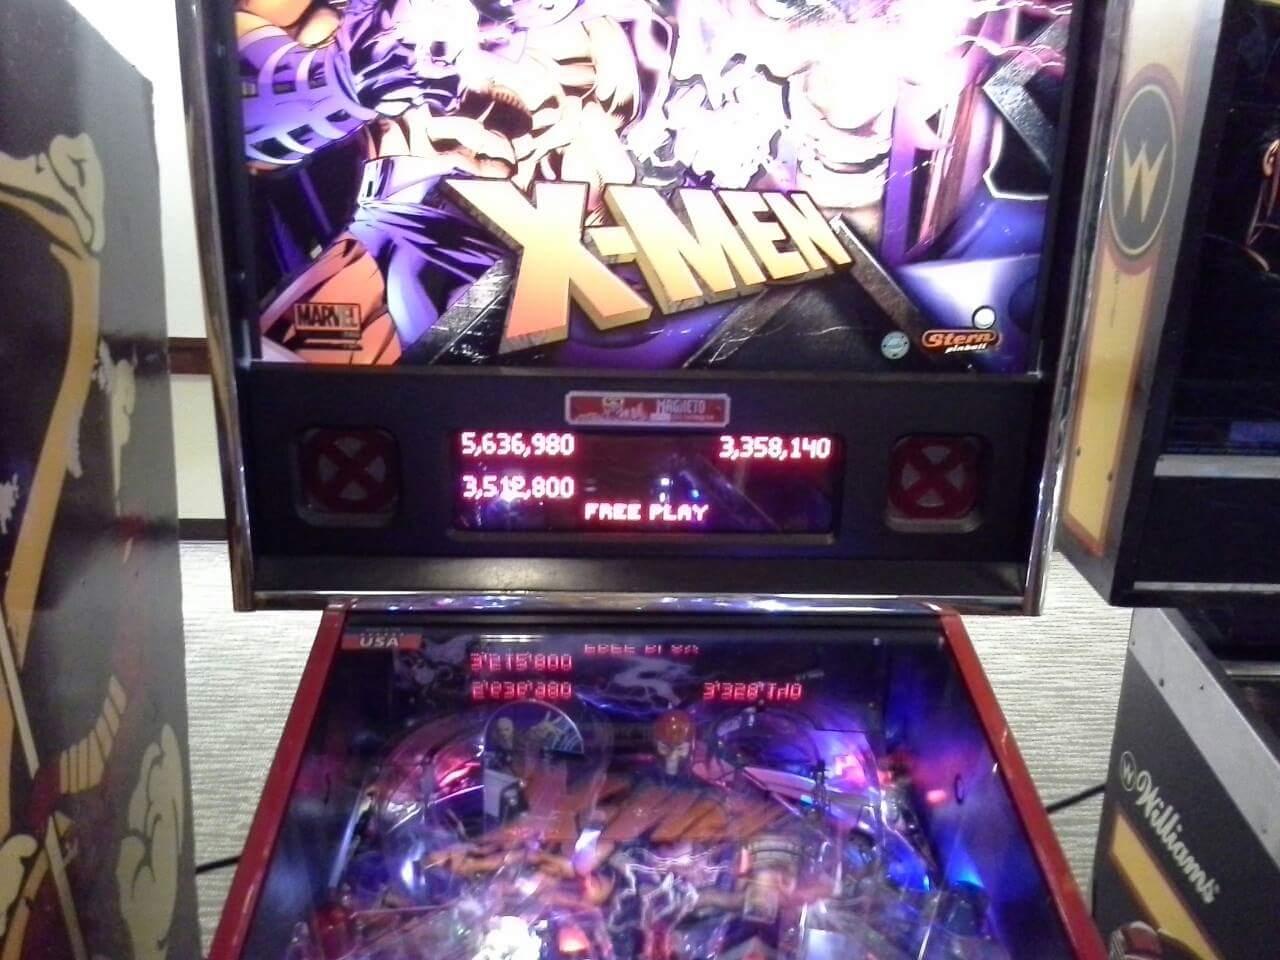 X-Men Magneto LE 5,636,980 points